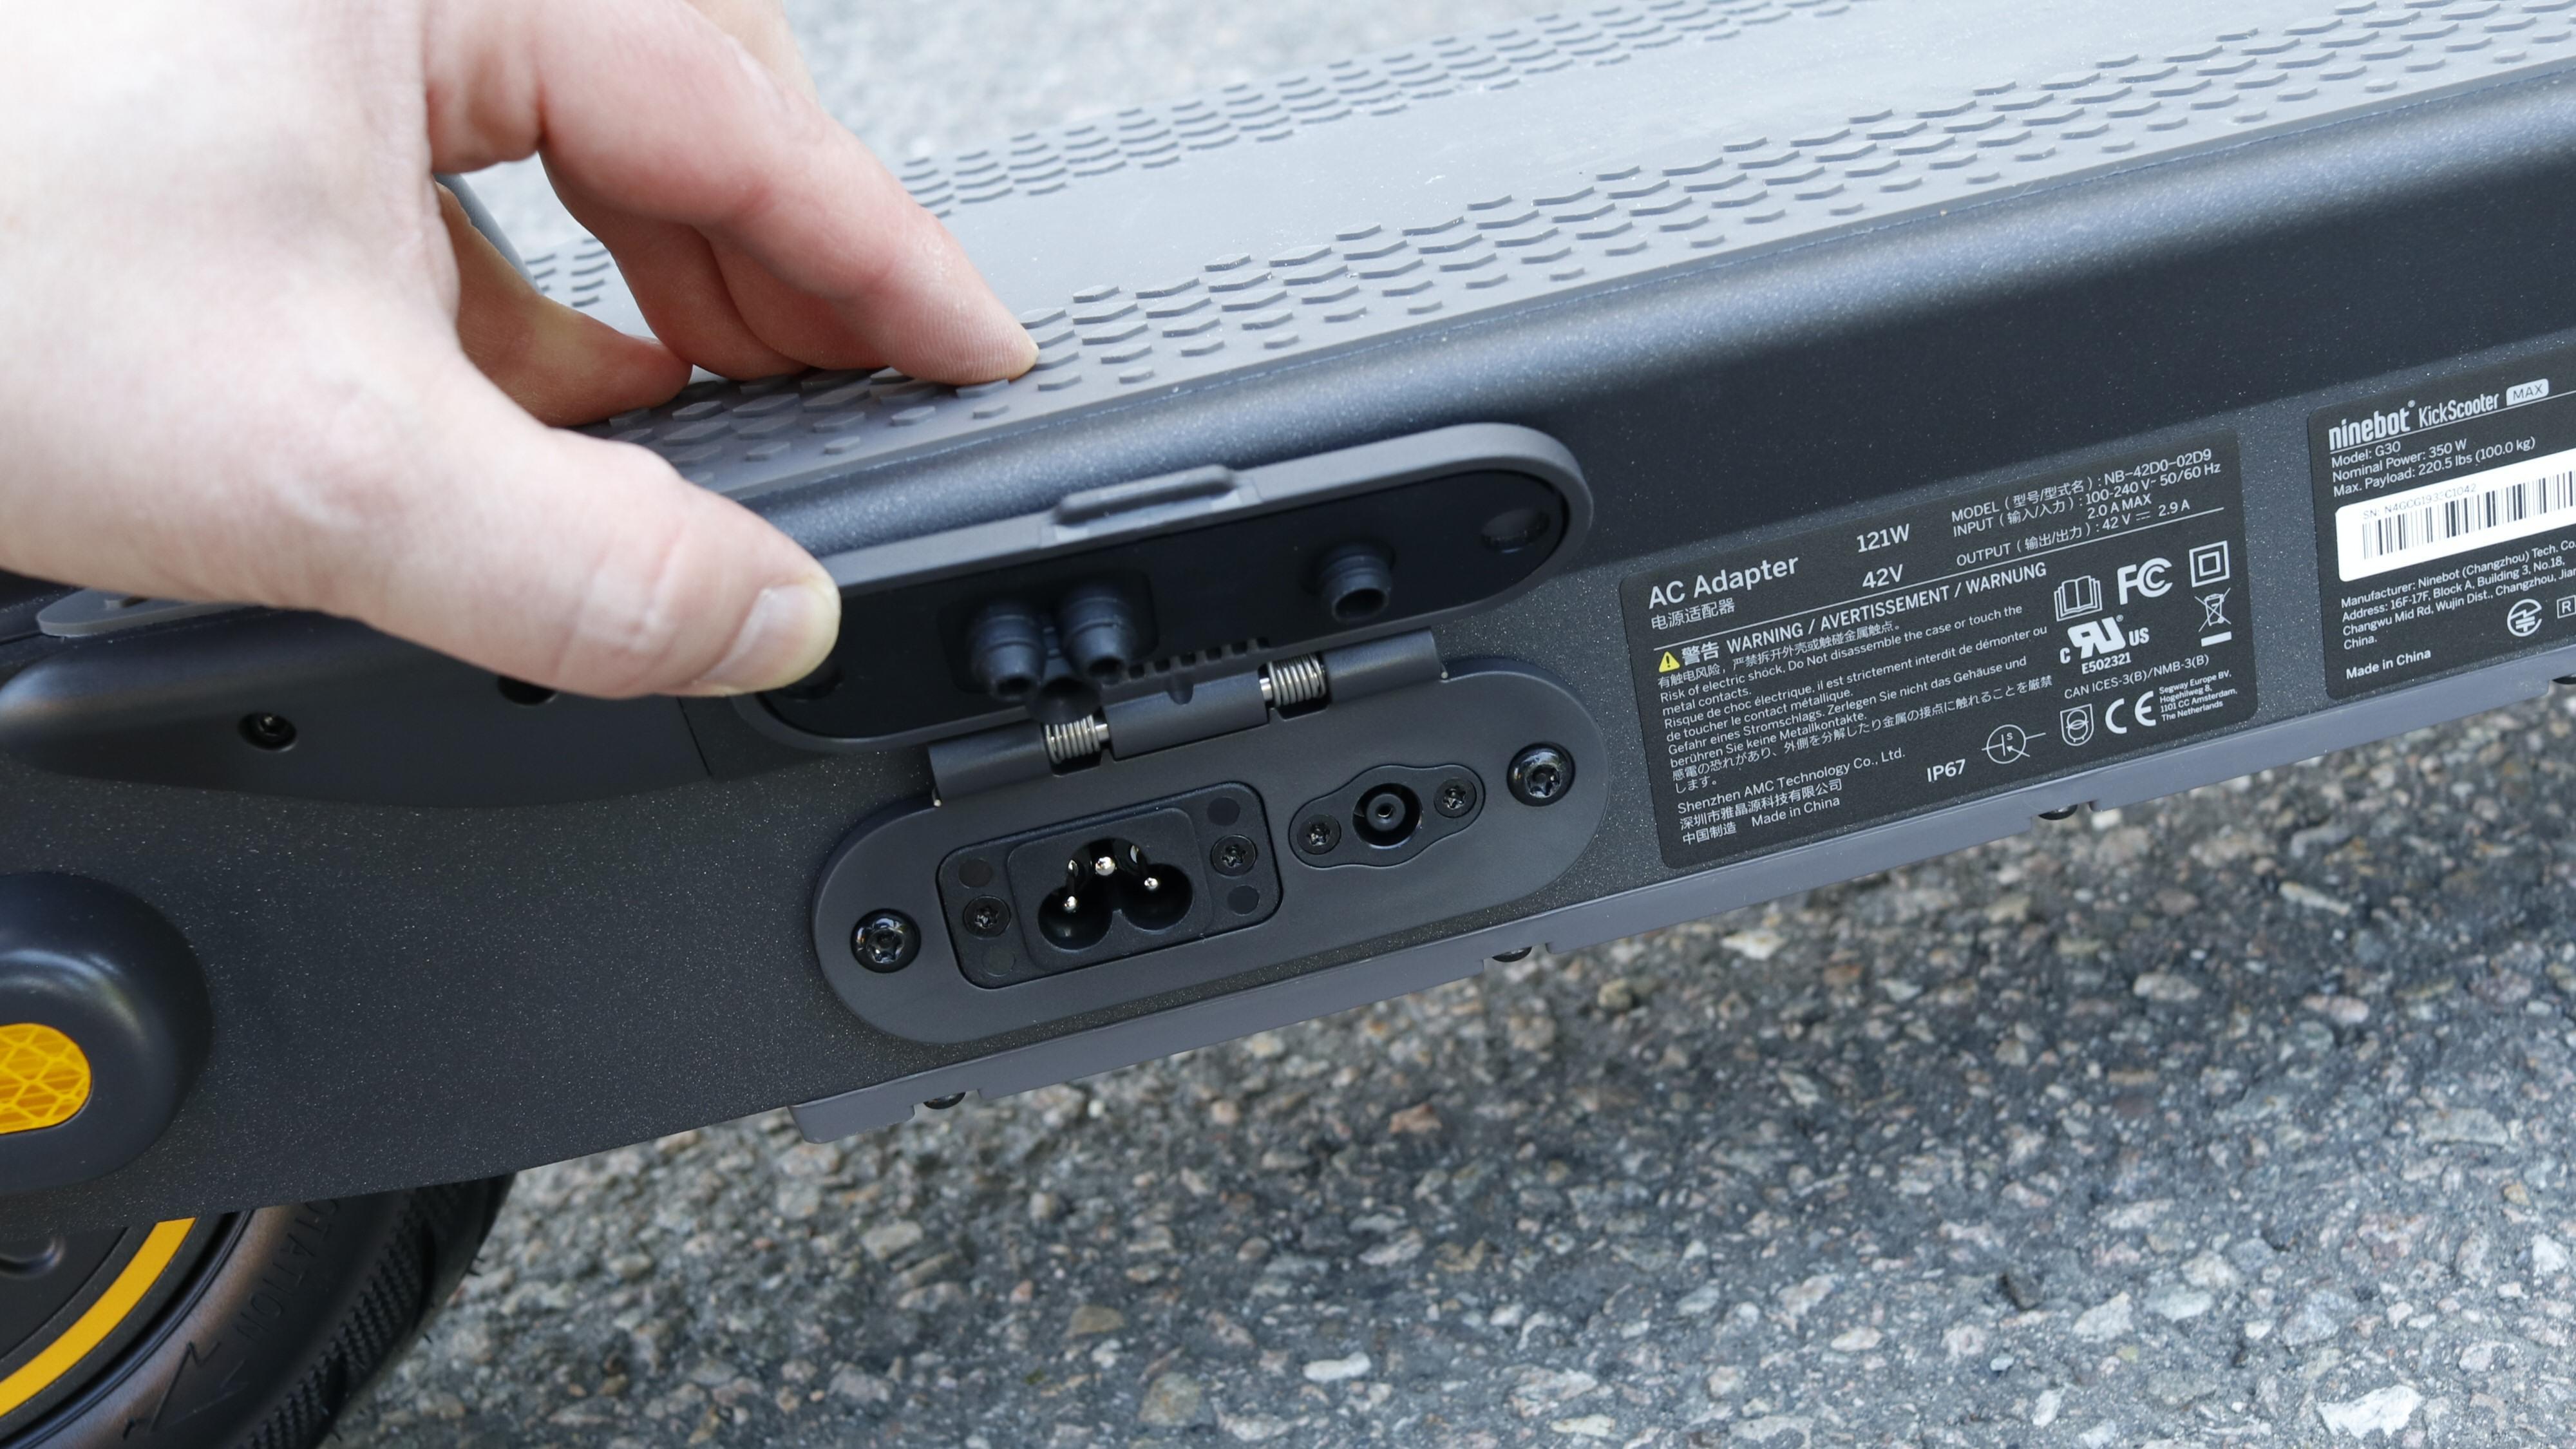 Sykkelen har faktisk integrert batterilader, alt du trenger er en jordet ledning og kontakt.